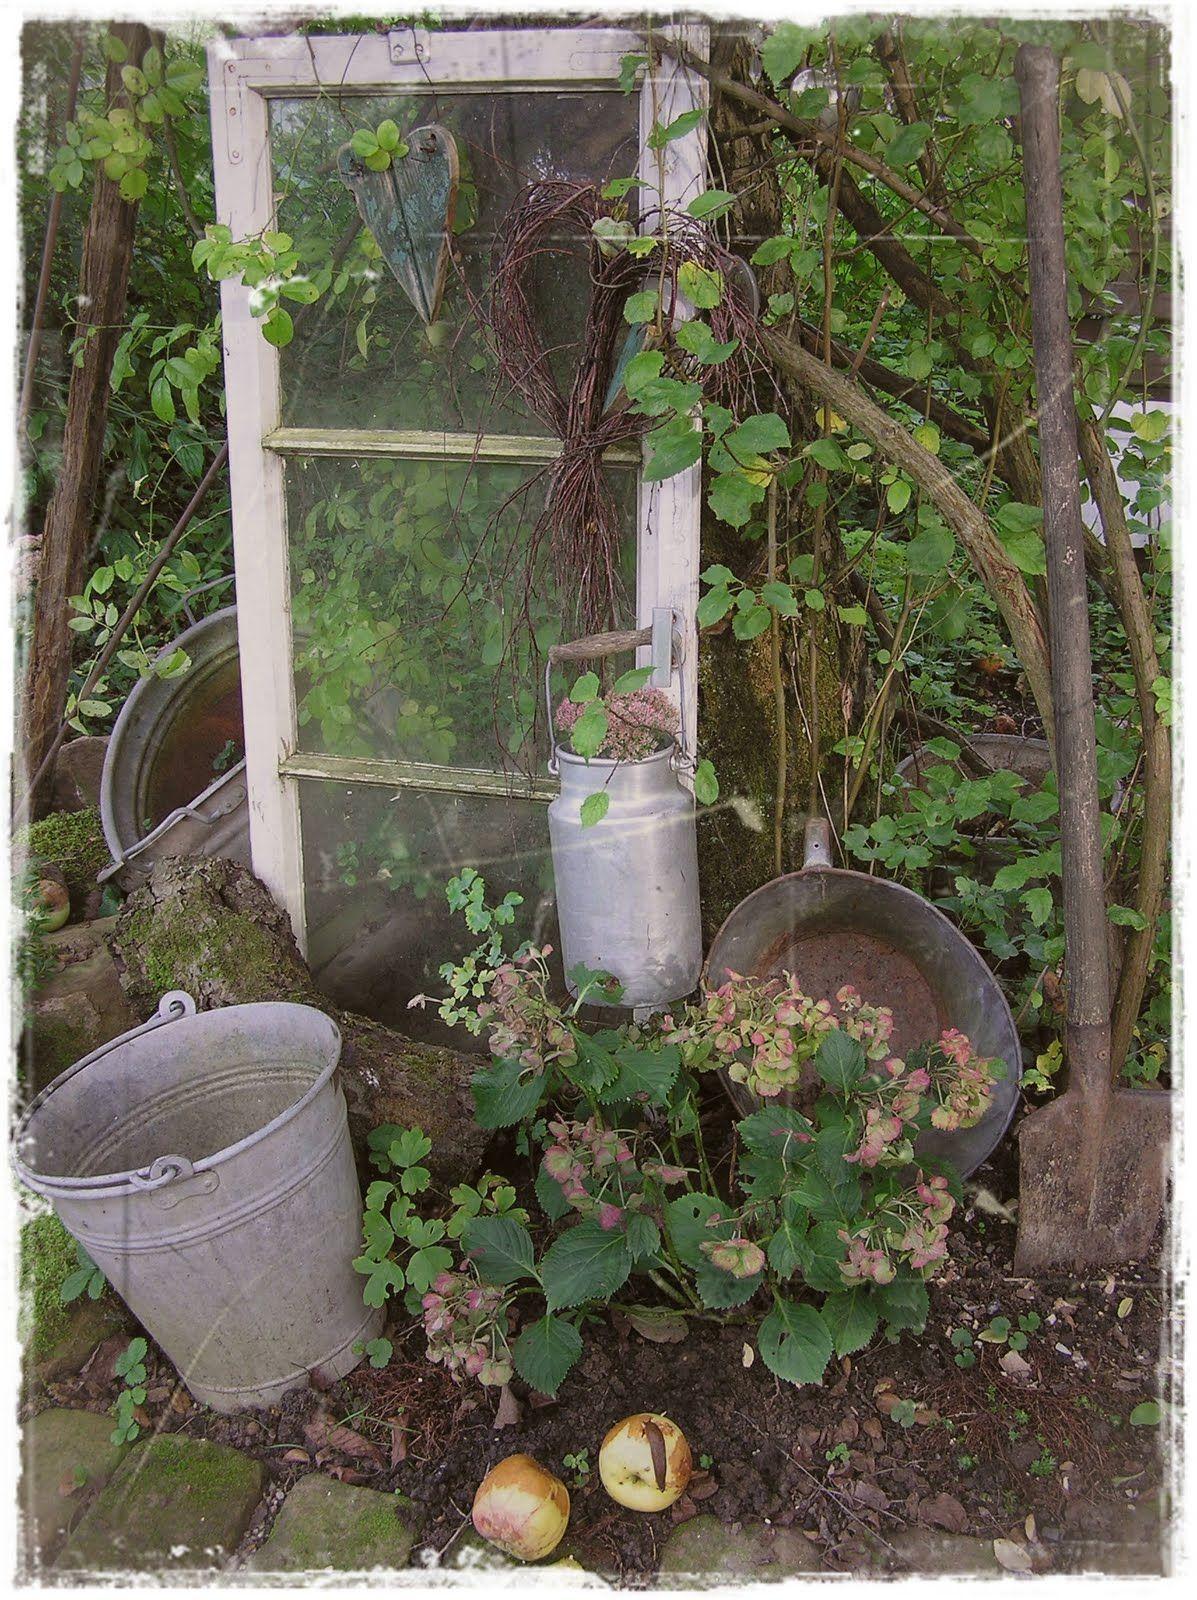 Wir Waren Schon Lange Nicht Mehr Im Garten Also Auf Geht S Kommt Ihr Mit Verwasserte Hortensien Zi Garten Garten Gestalten Garten Deko